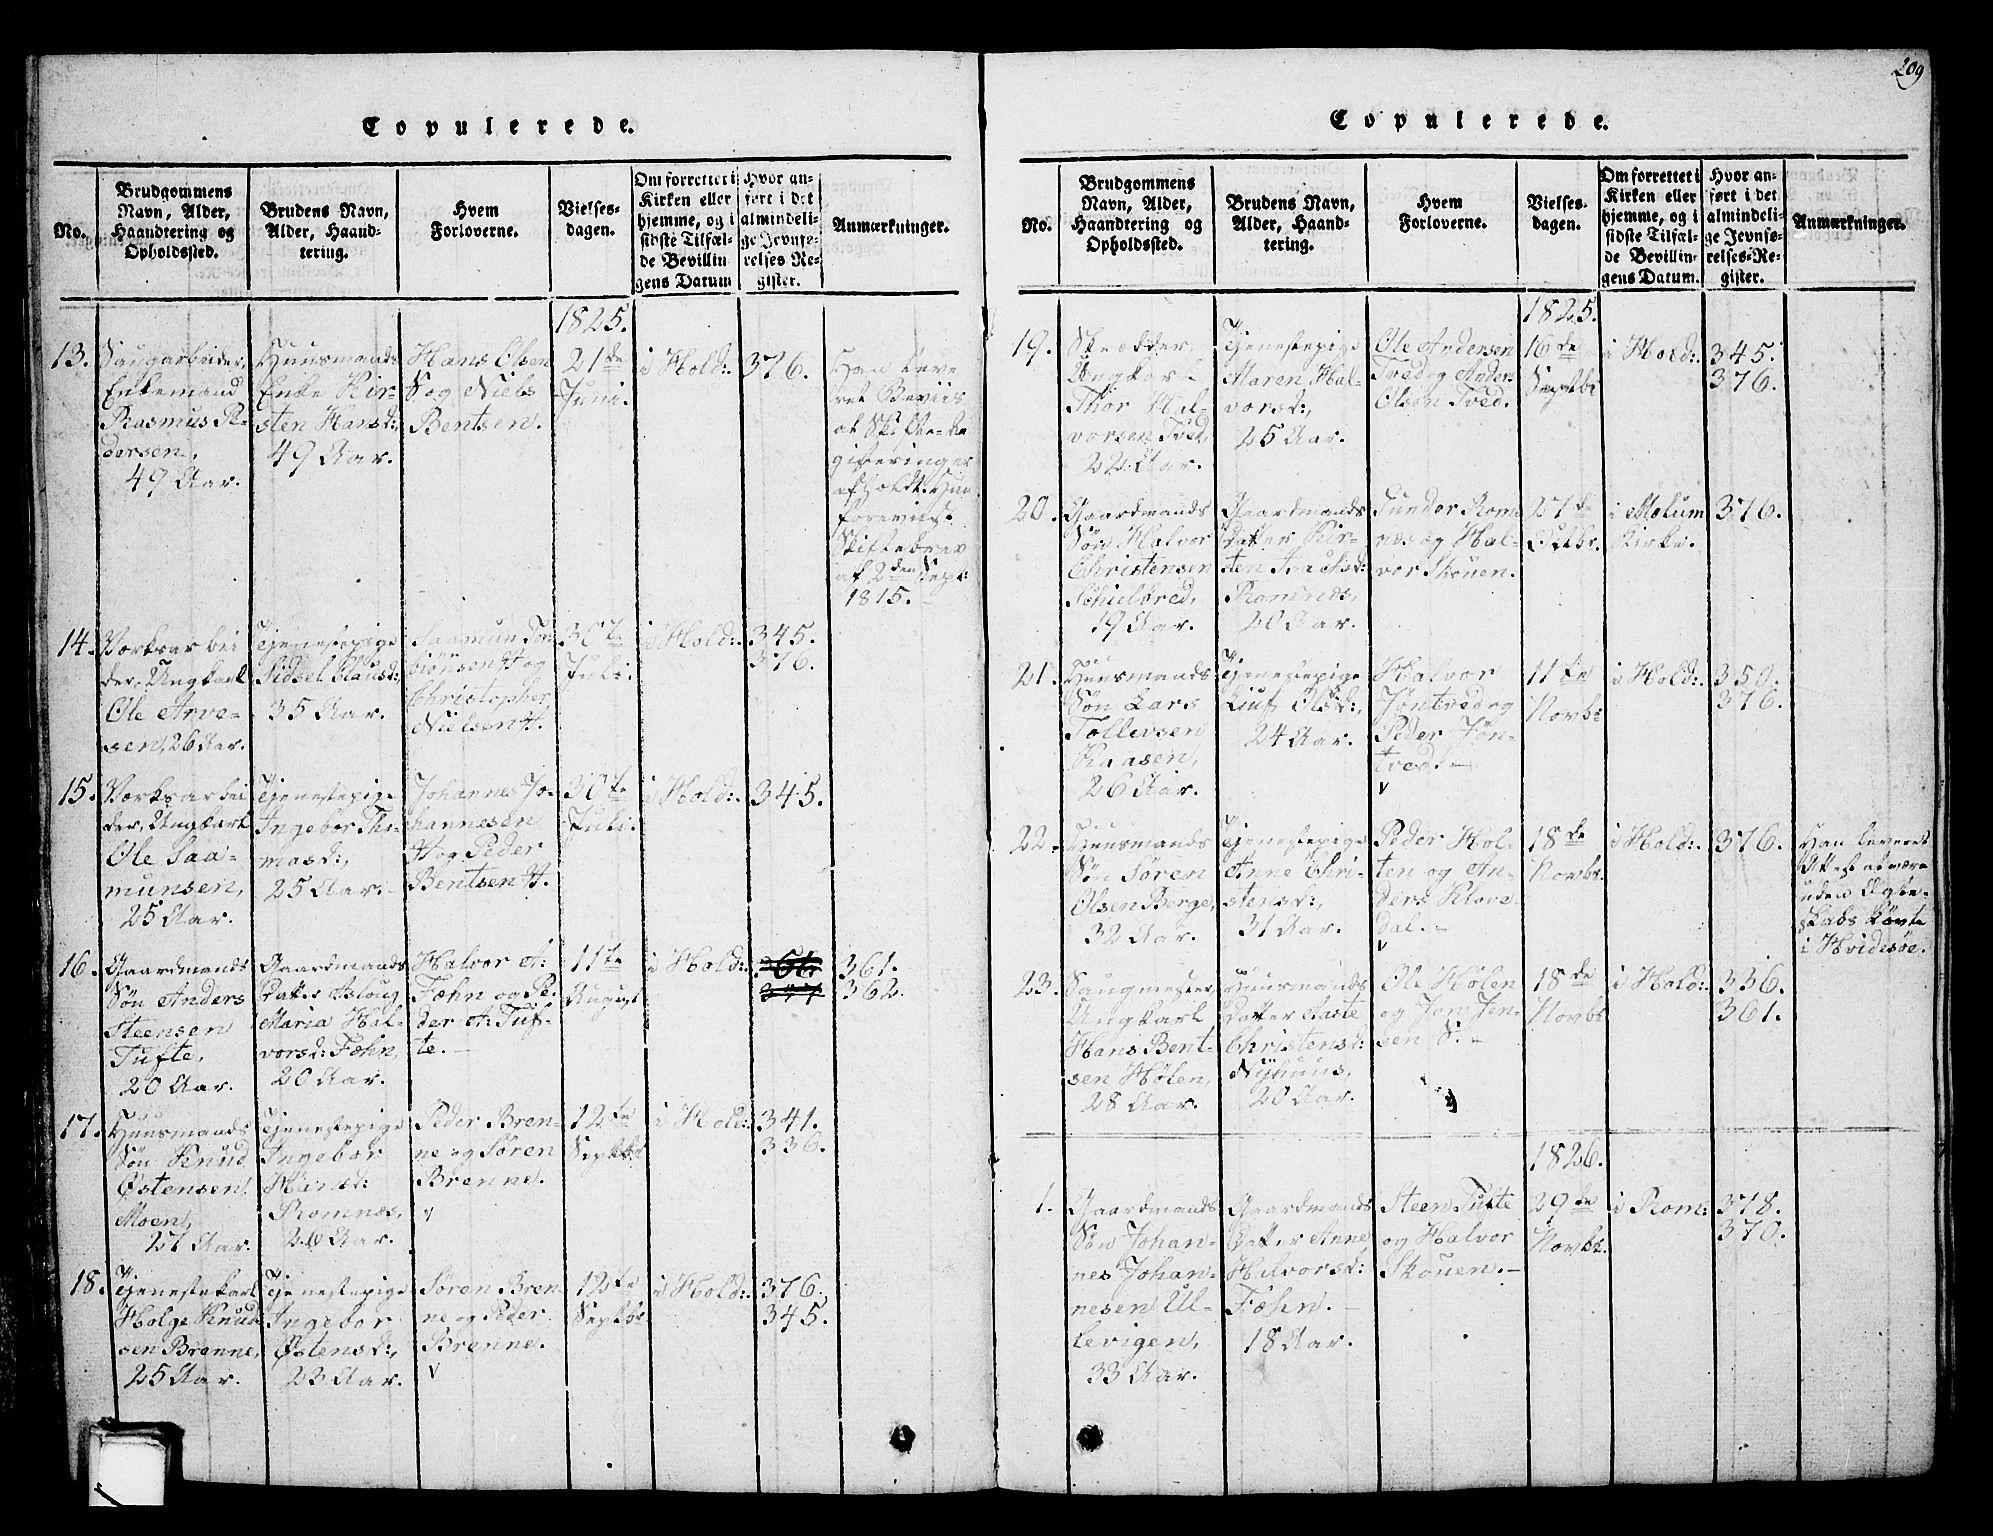 SAKO, Holla kirkebøker, G/Ga/L0001: Klokkerbok nr. I 1, 1814-1830, s. 209